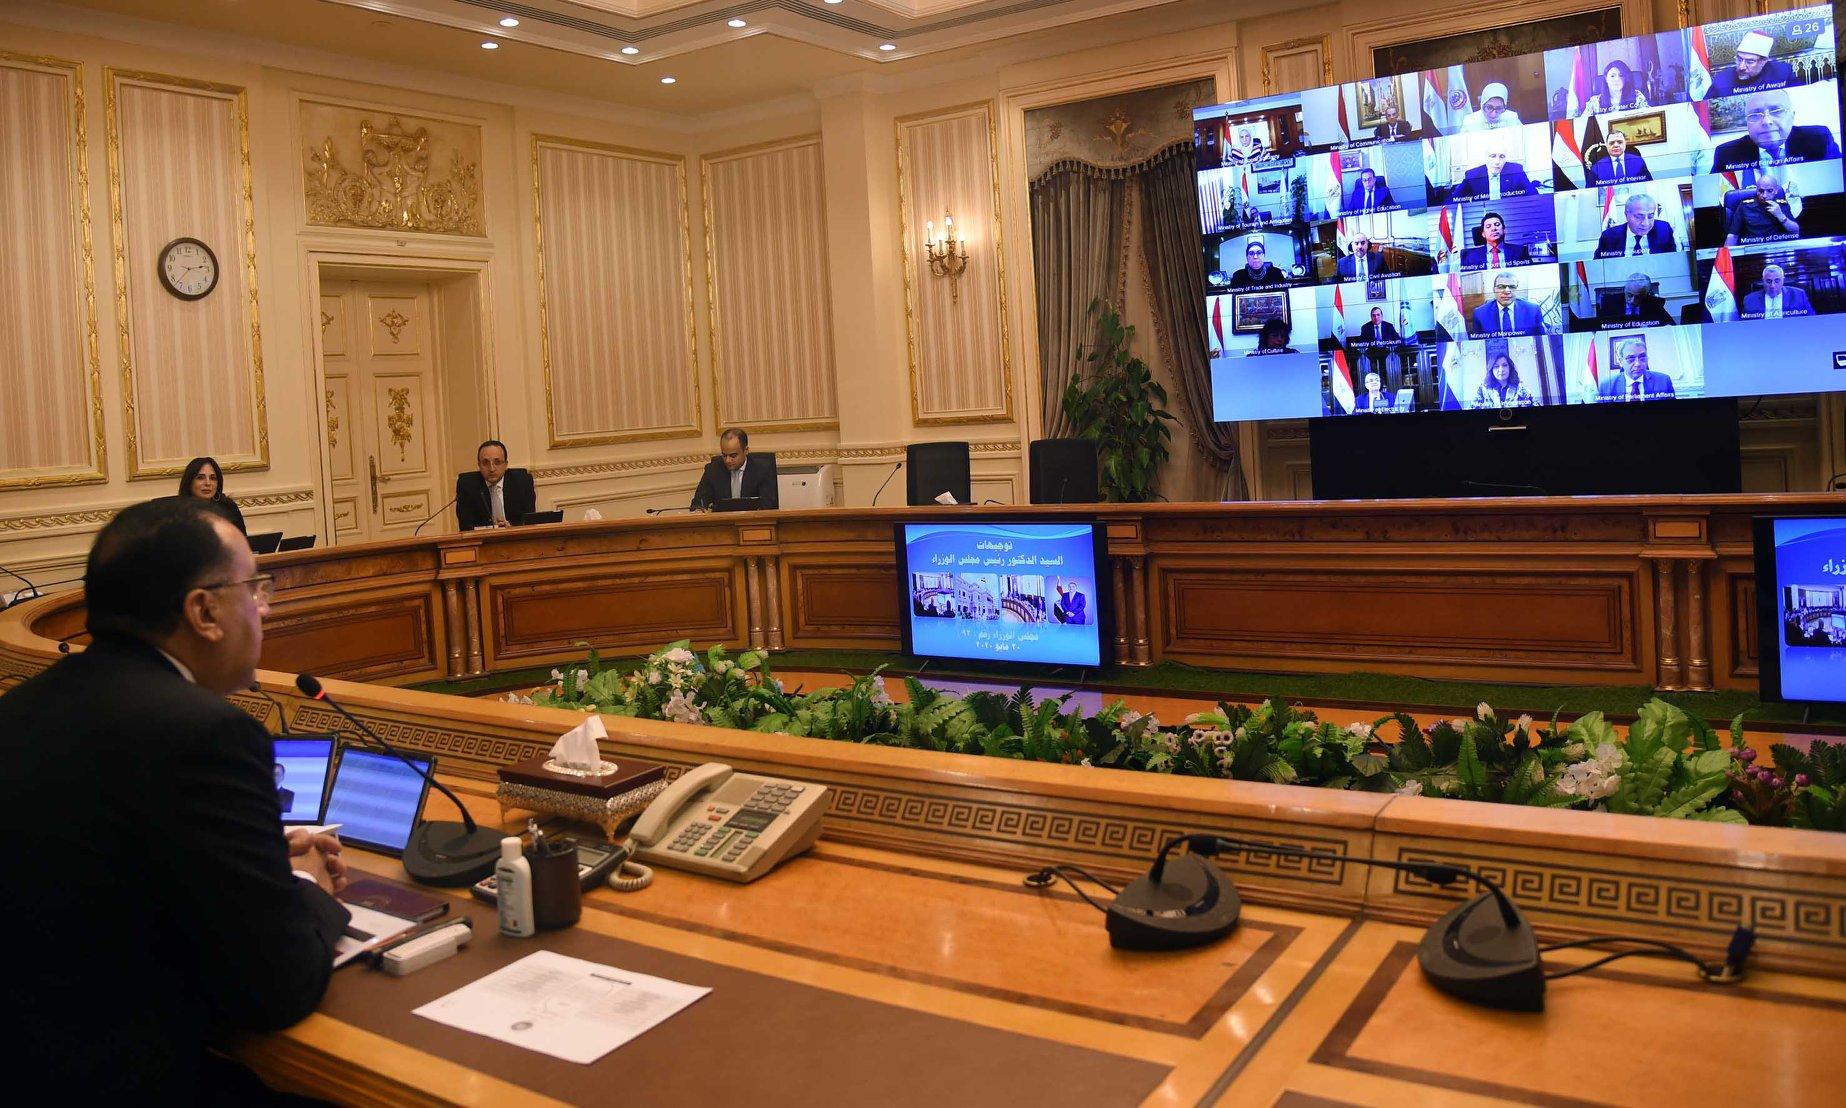 مجلس الوزراء يستعرض تقريراً حول أهم مؤشرات الاقتصاد المصرى